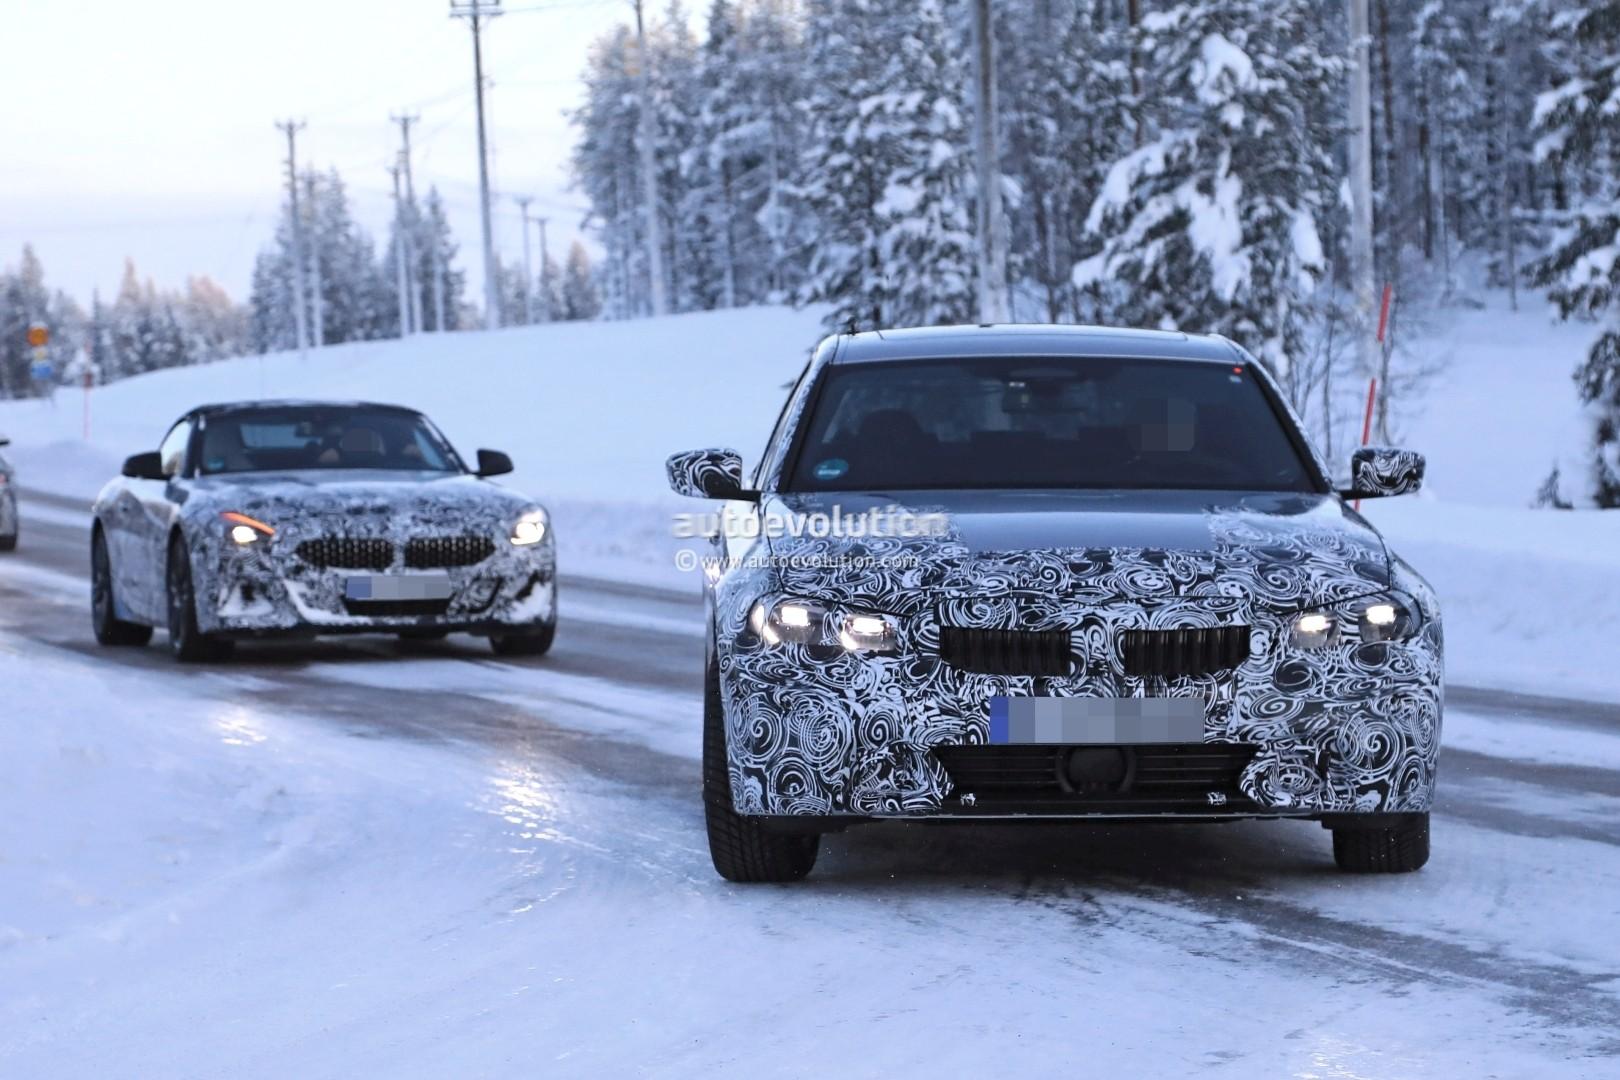 Spyshots: 2019 BMW 3 Series Shows Production Elements ...